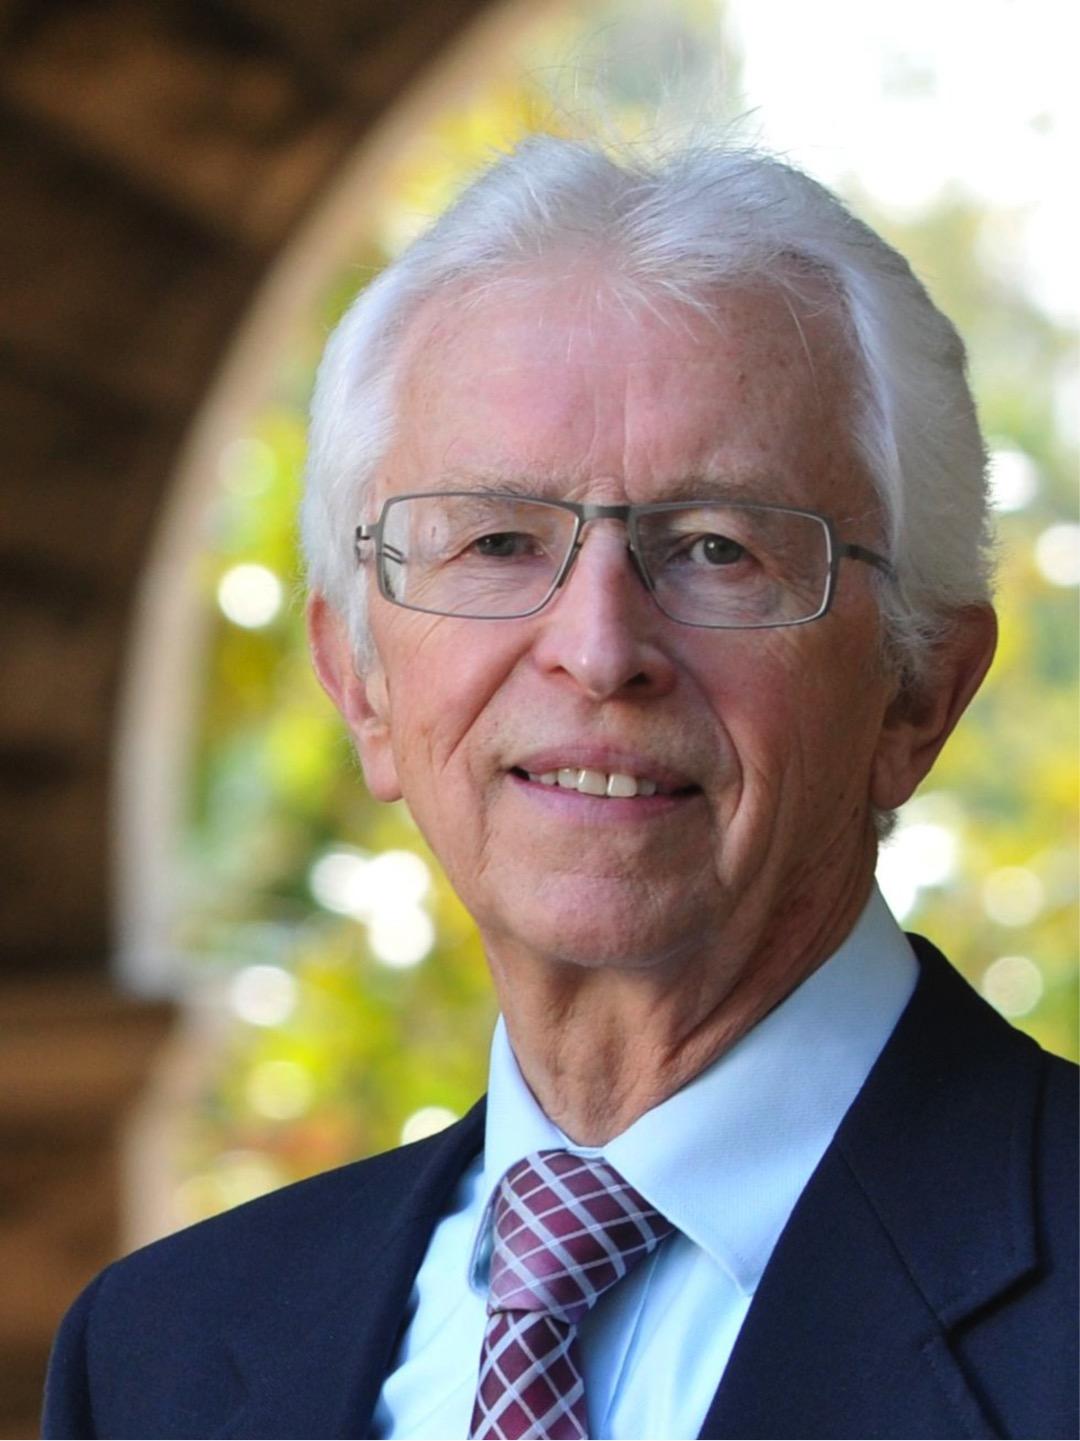 세계적인 핵물리학자이자 북한학자인 지그프리드 해커 미국 스탠퍼드대 국제안보협력센터(CISC) 교수 - CISC 제공